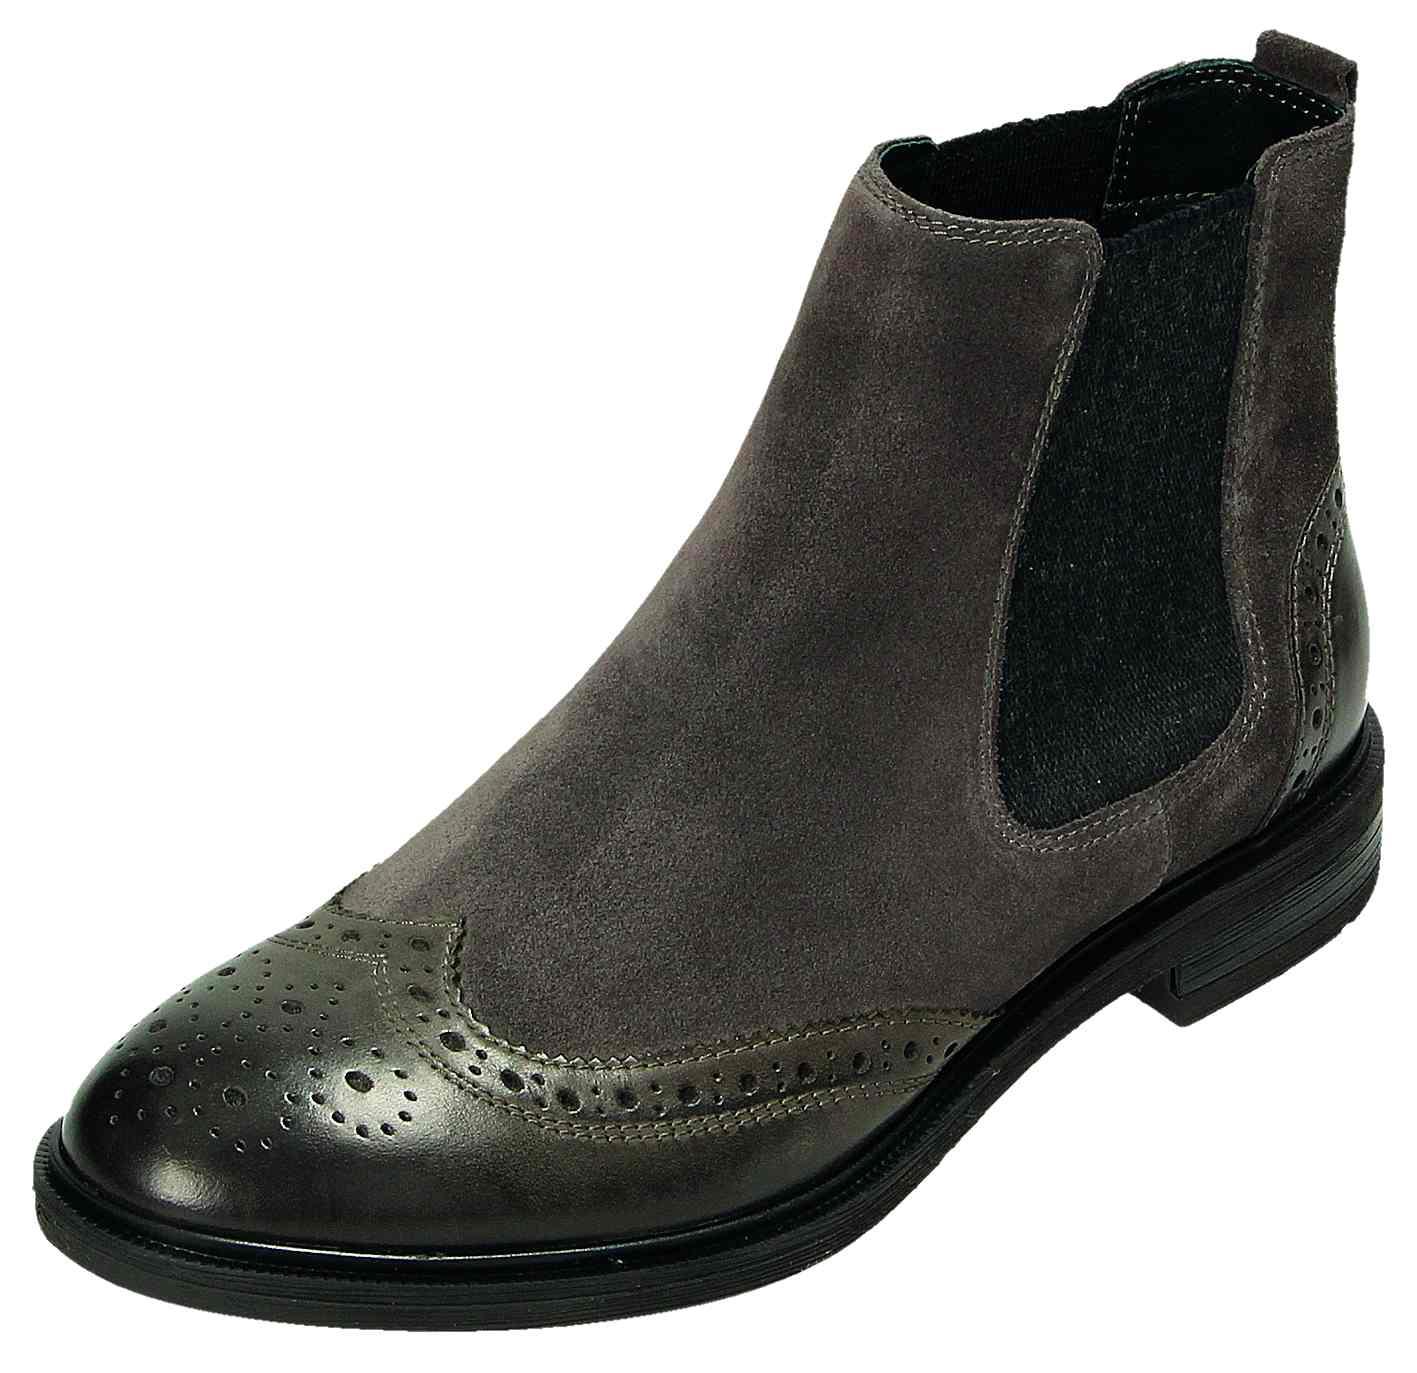 Klondike Damen GRAU Schuhe Stiefel/Stiefelette Damen-Stiefelette Grau WH-162H03 GRAU Damen 246fd4